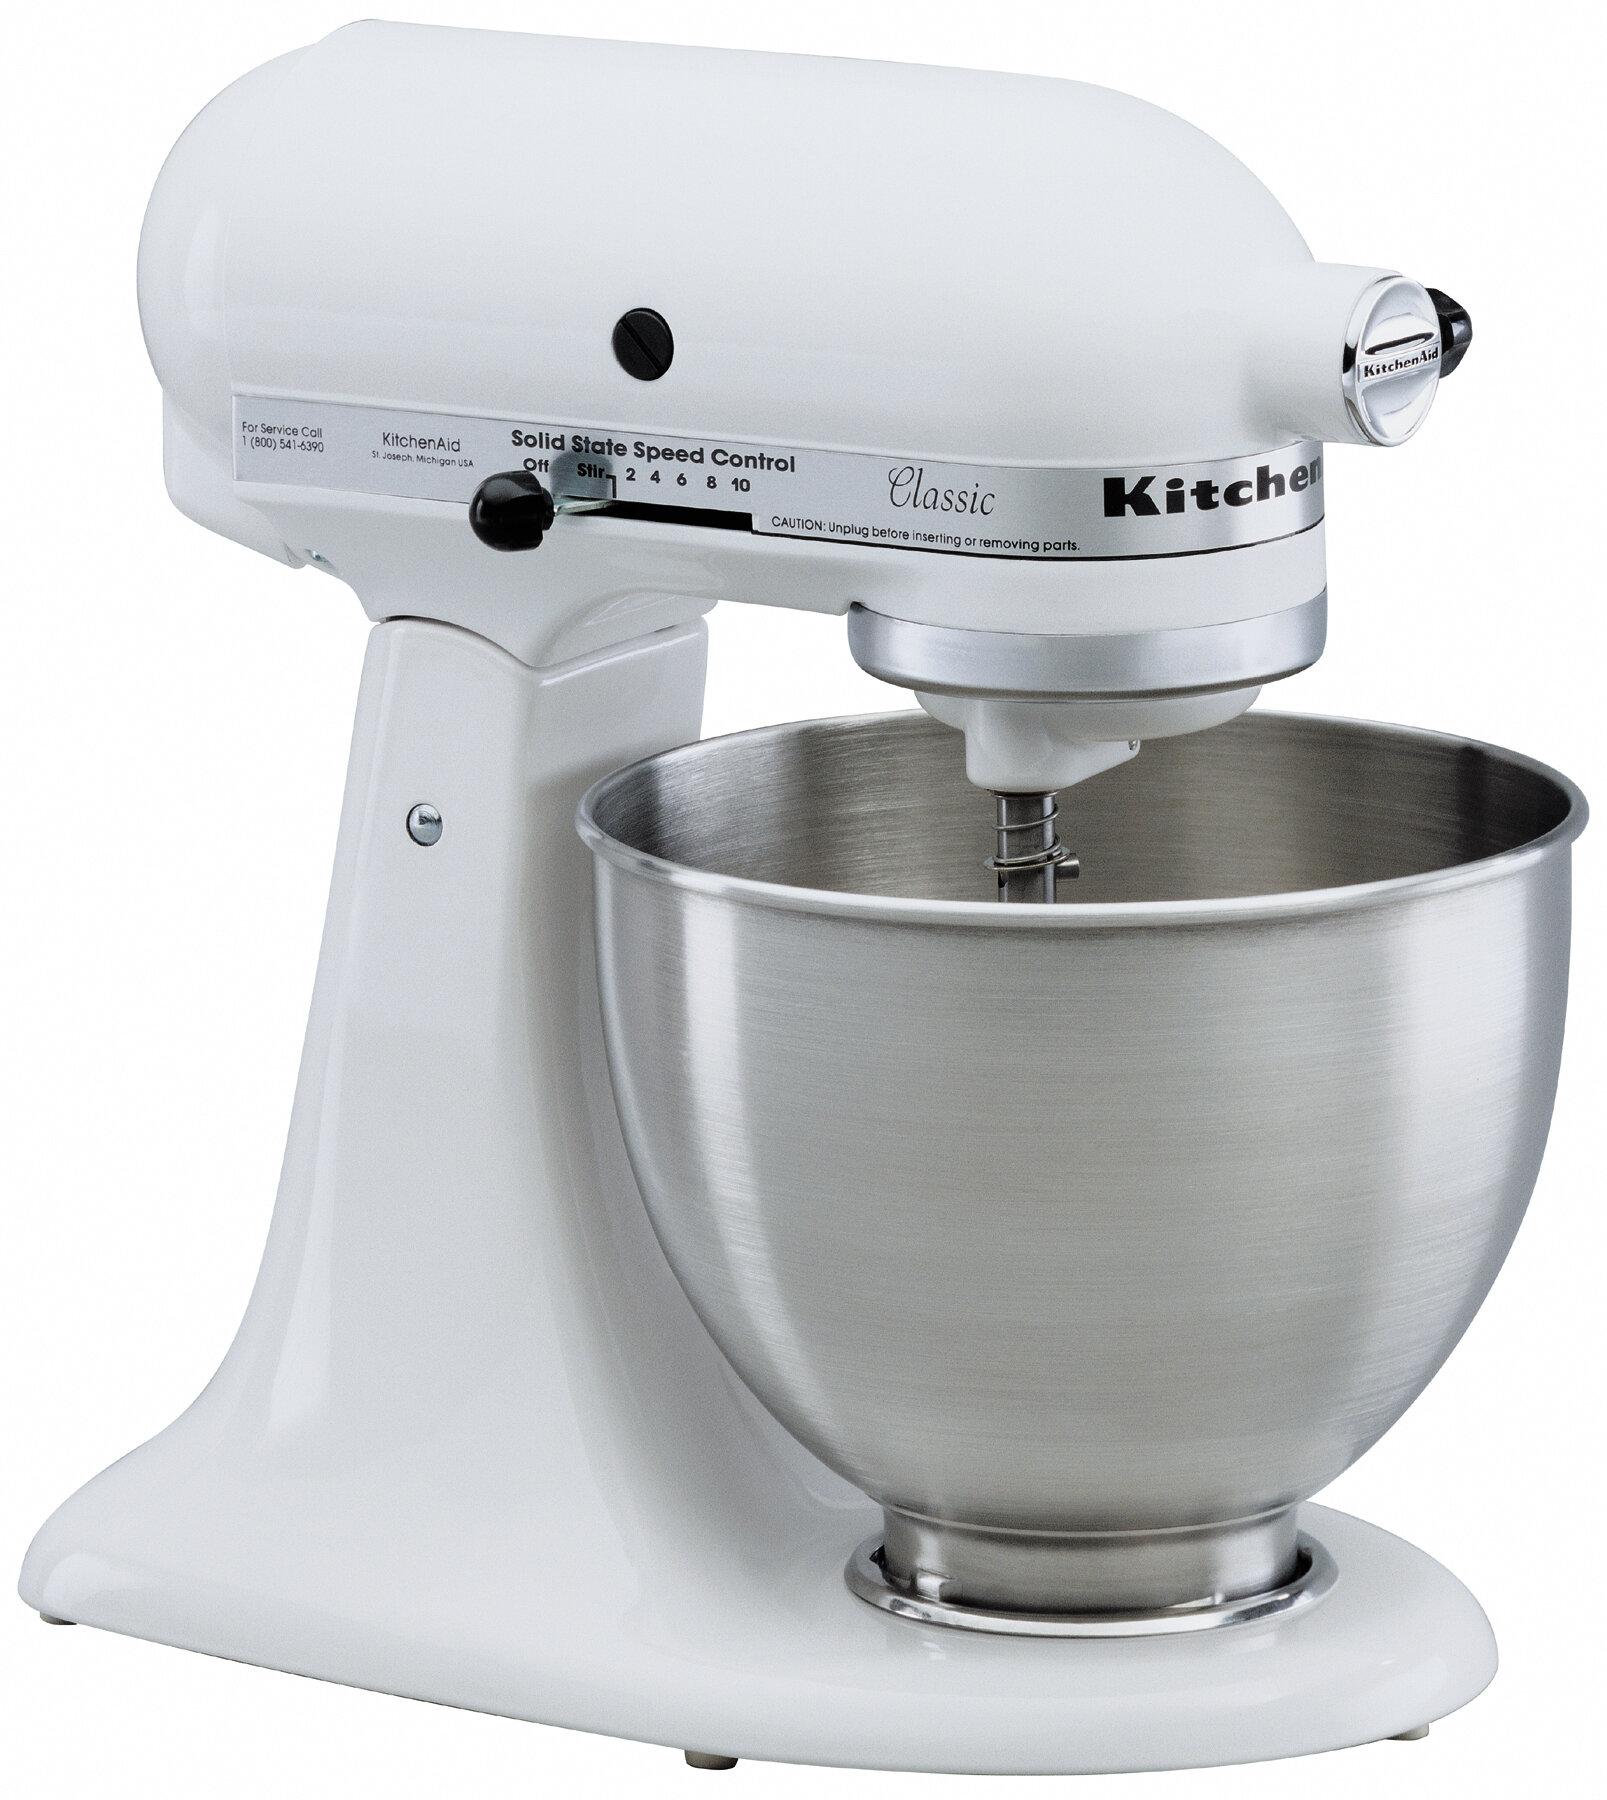 KitchenAid Classic Series 10 Speed 4.5 Qt. Stand Mixer